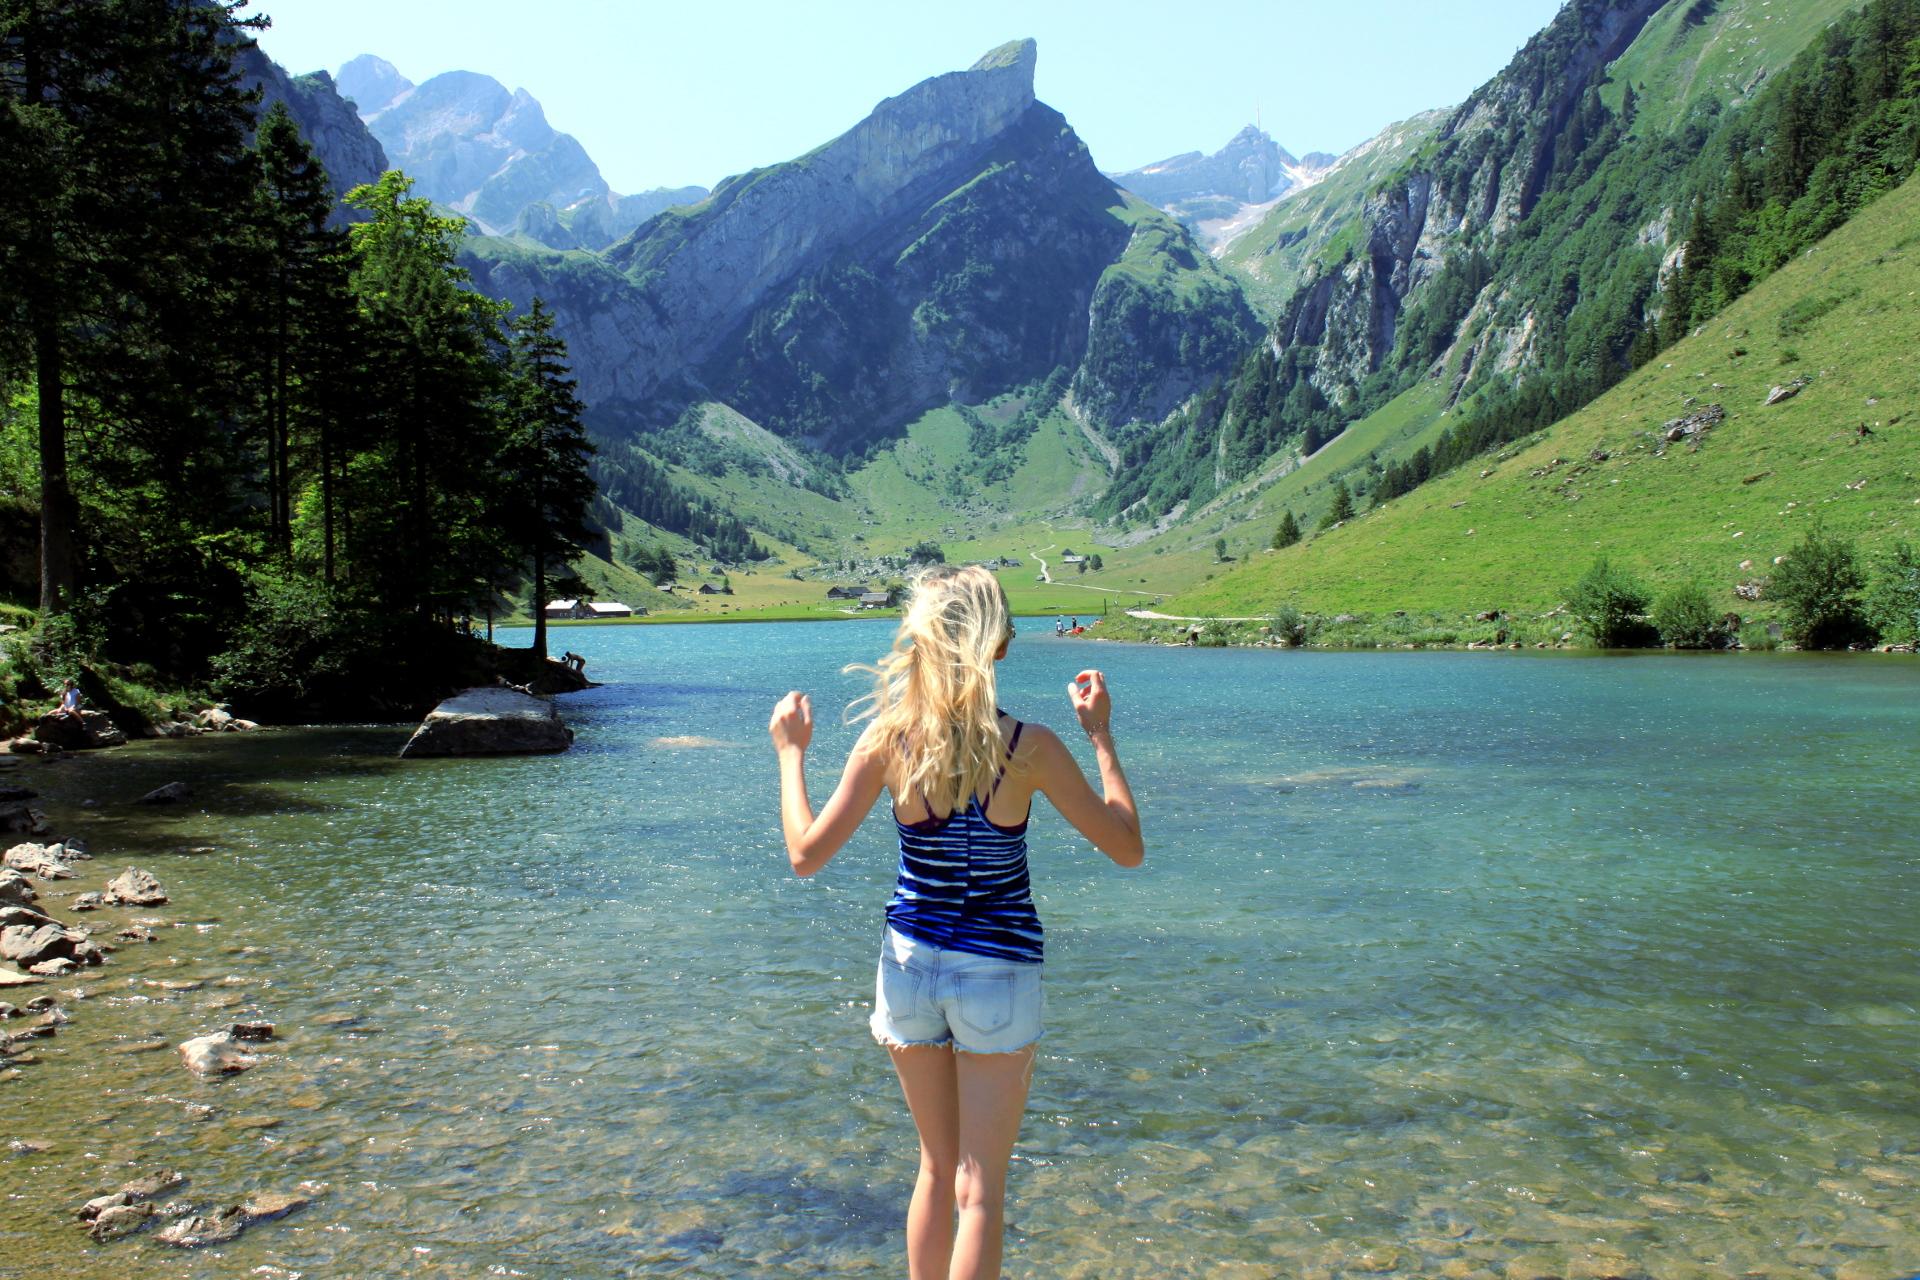 szwajacaria seealpsee alpy gory jezioro widok natura iglawpodrozy